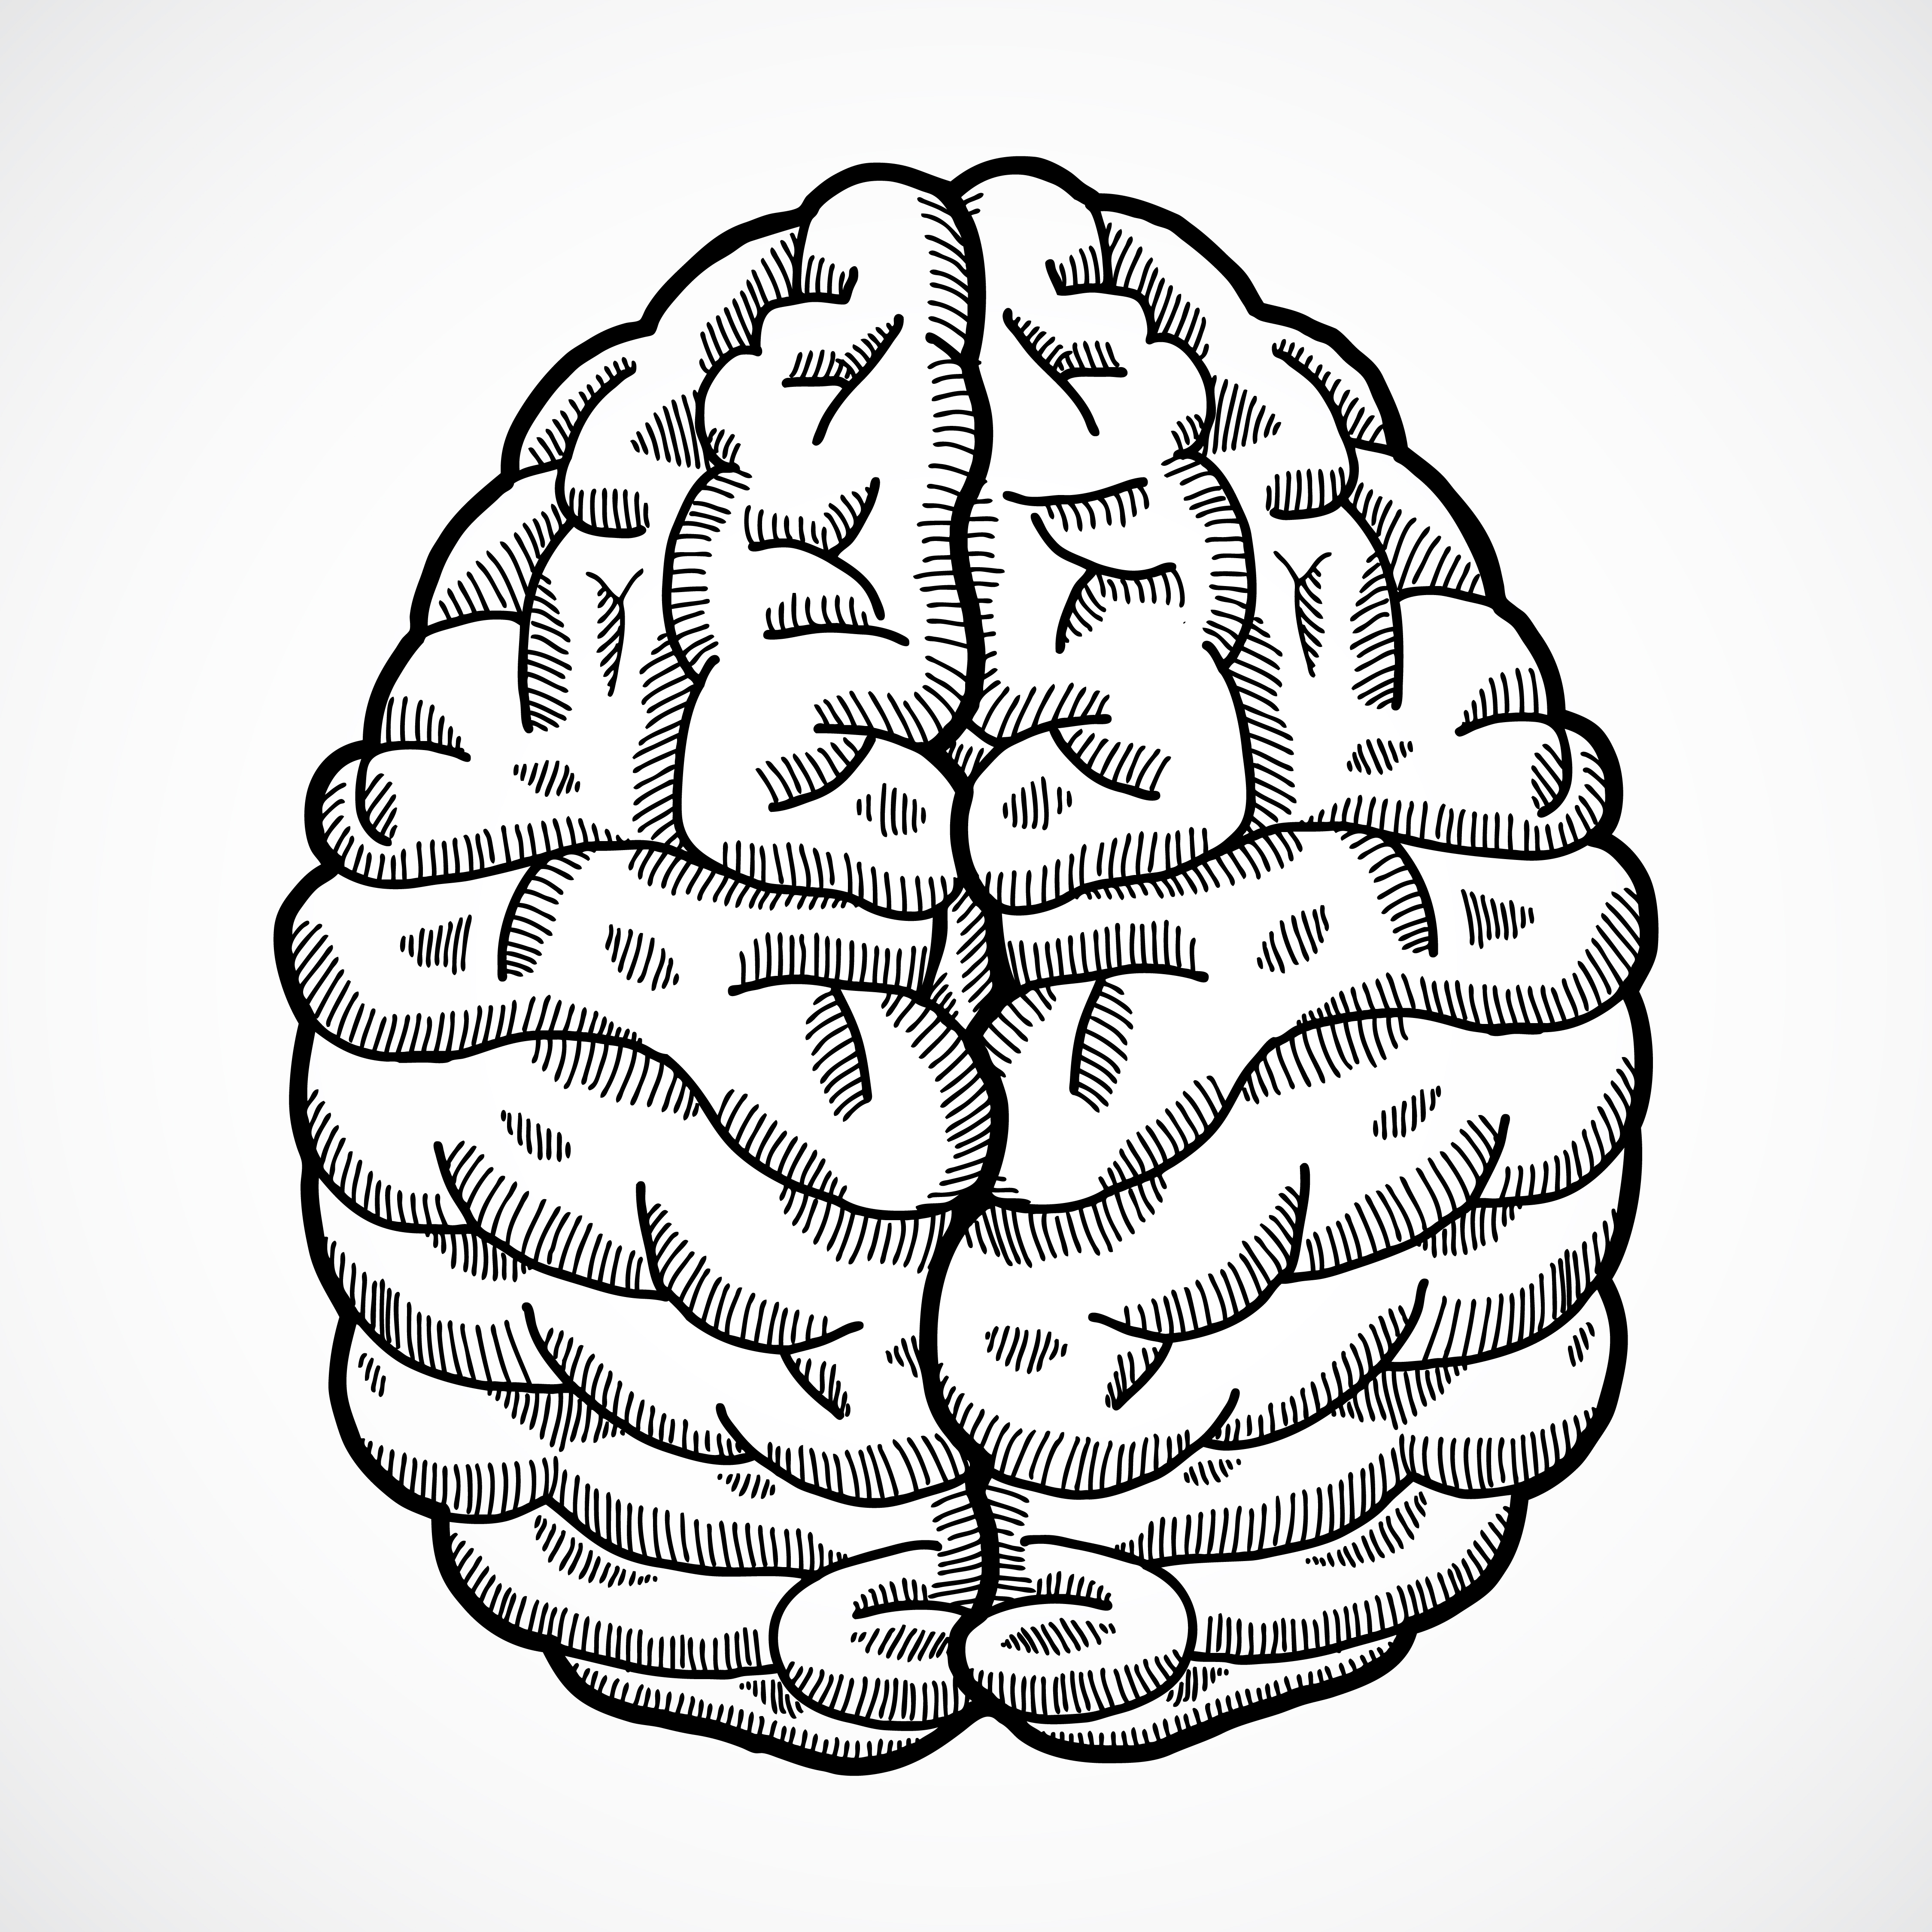 Human brain sketch - Download Free Vectors, Clipart ...